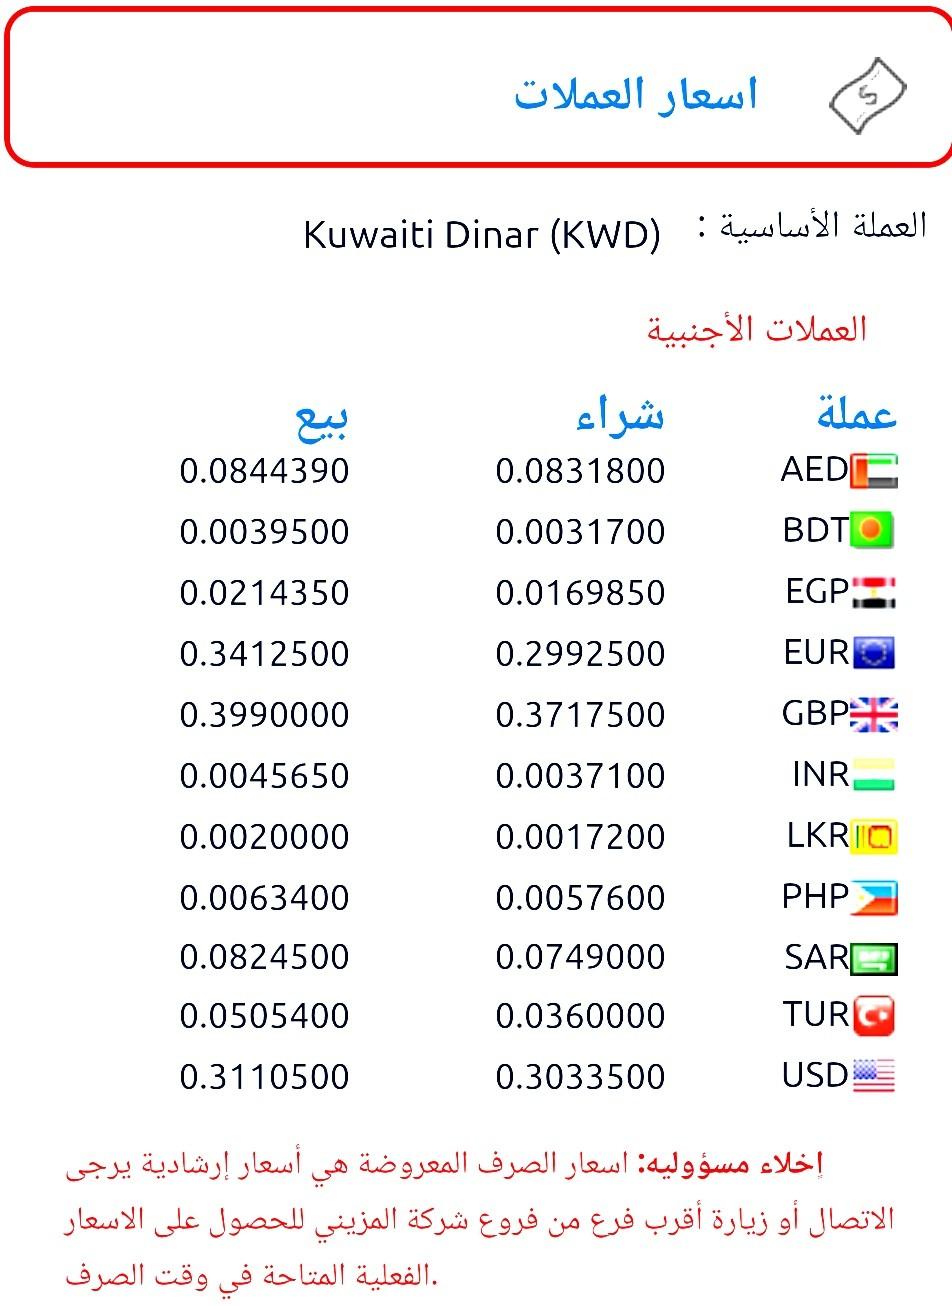 100 دينار كويتي كم مصري المزيني صرف العملات الاثنين ٤ مايو